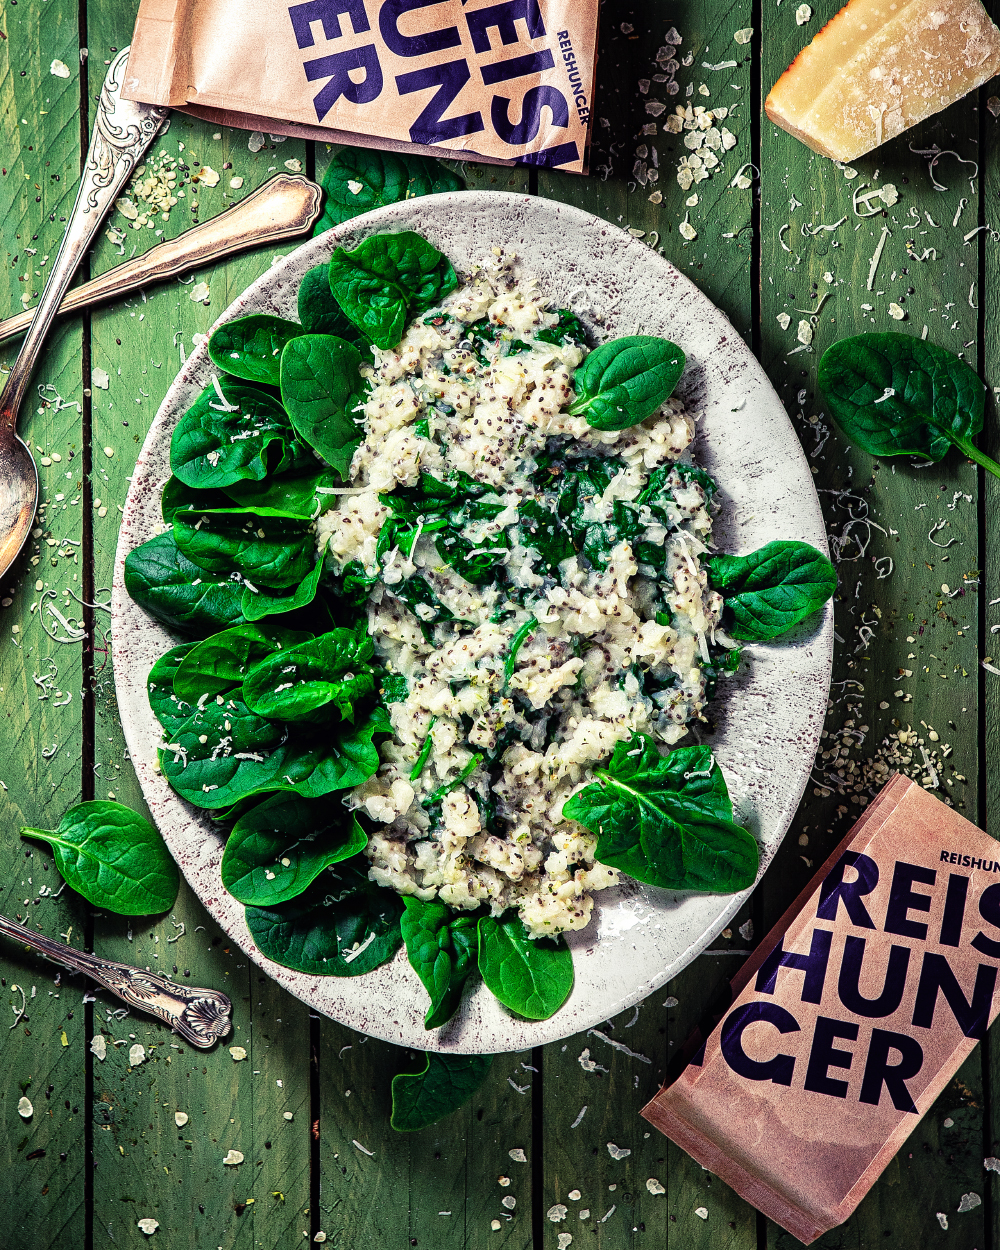 Parmesan Spinat Porige auf Steinteller vor grünem Hintergrund